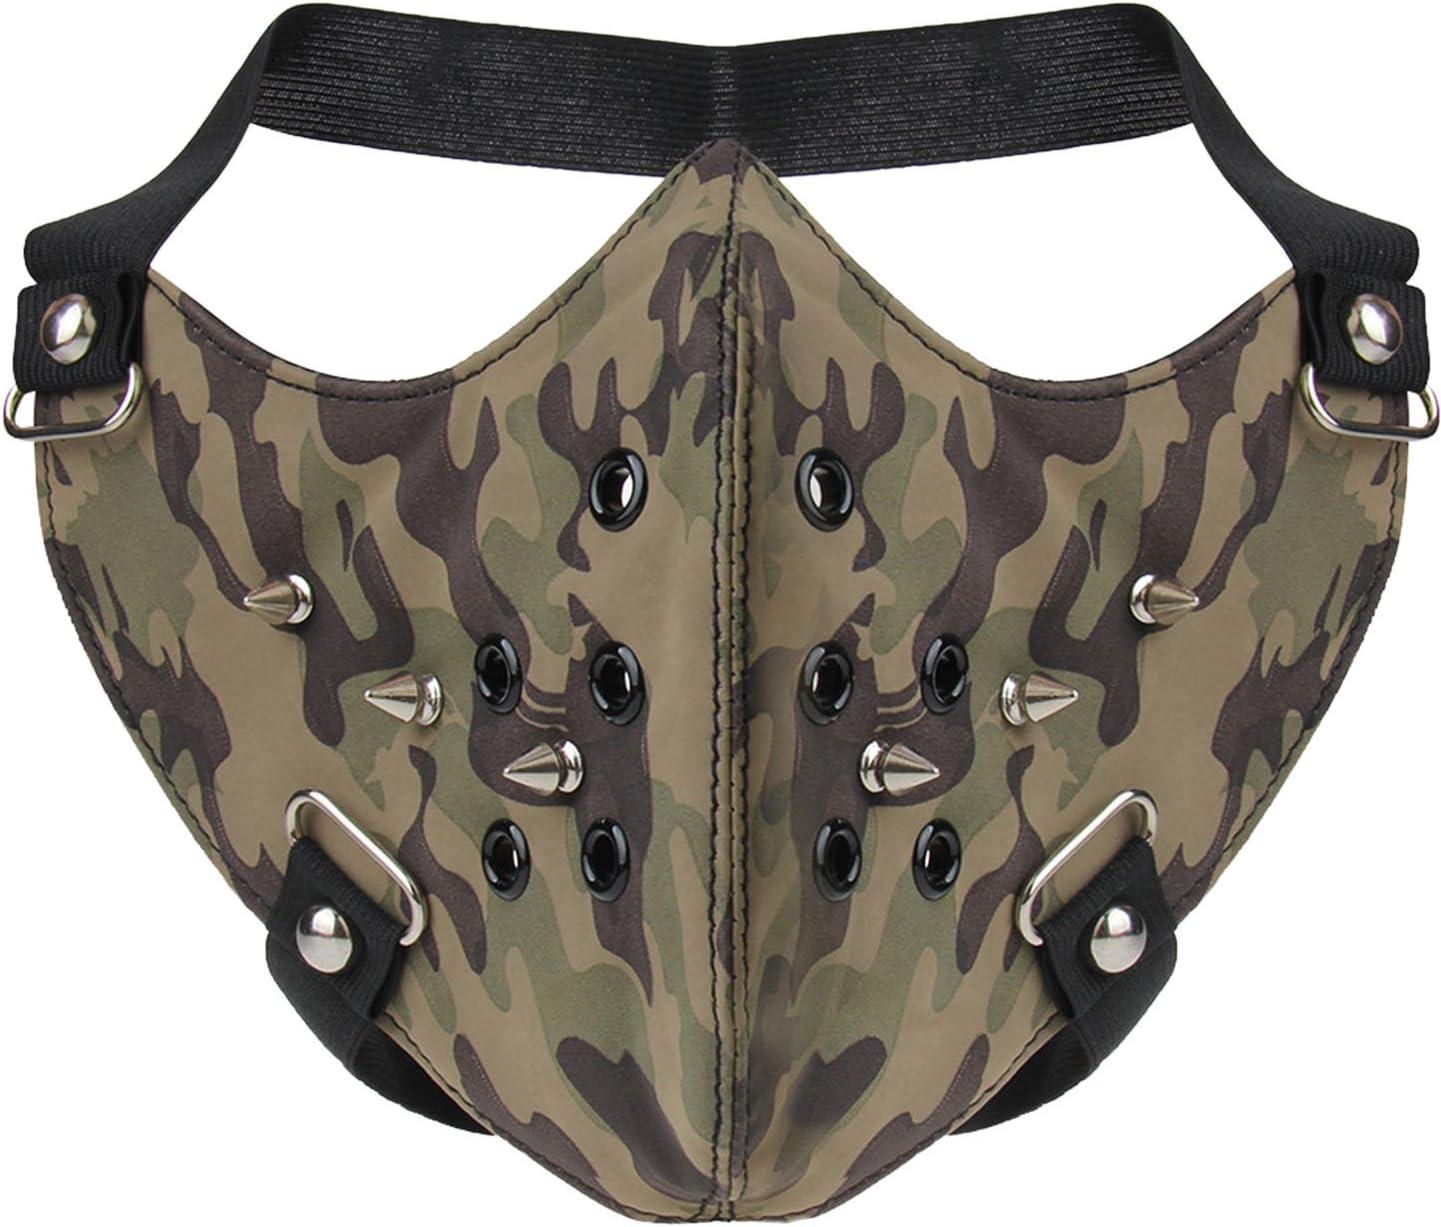 AIEOE - Máscara de Cuero de Punk para Motocicletas Locomotora Mascarillas de Gótico de Resistente al Polvo a Prueba de Viento Máscaras Única para Cosplay Disfraces Adorno Camuflaje - 24 * 15cm: